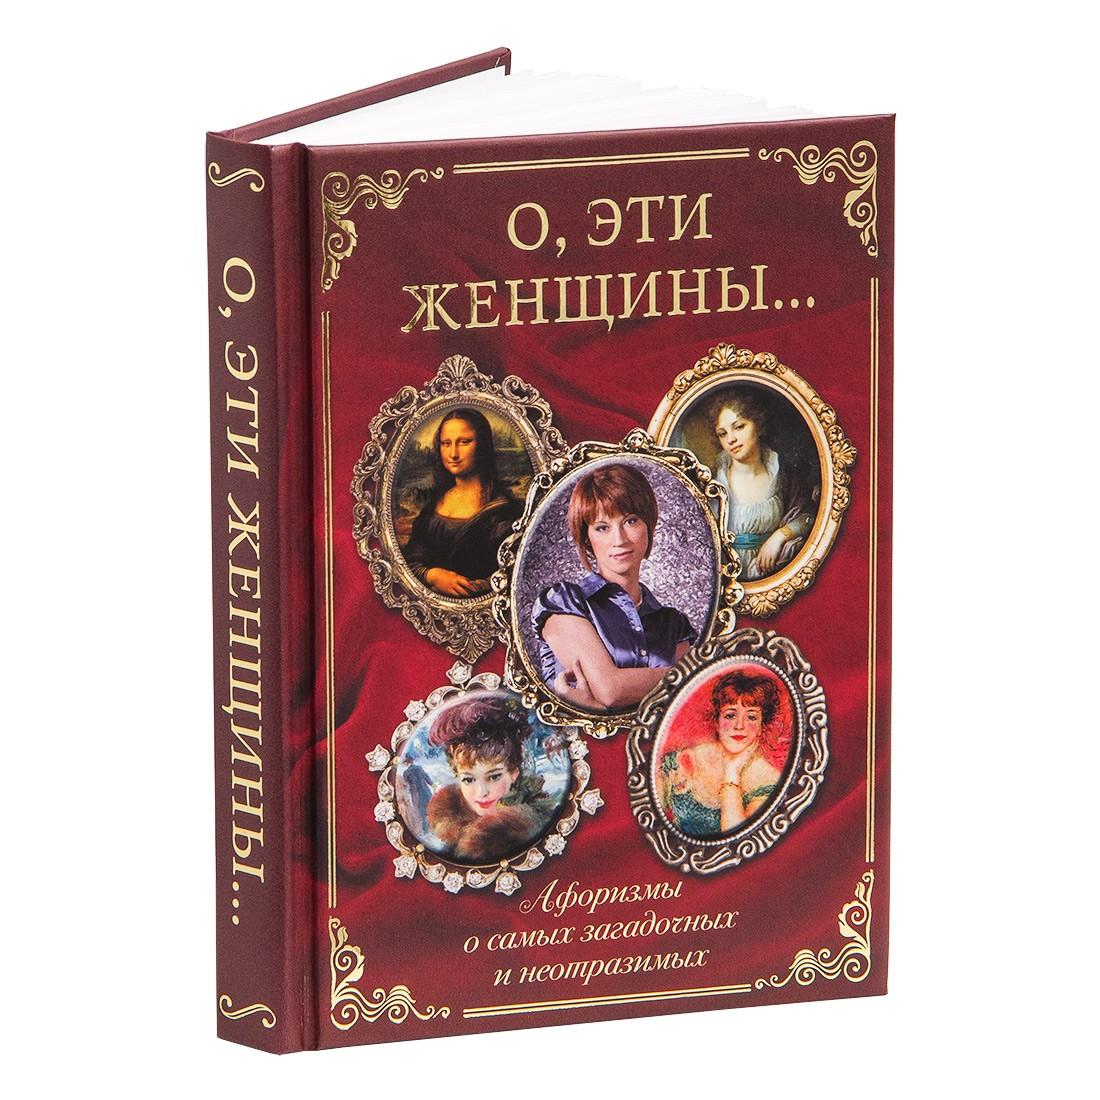 Набор для чая с подстаканником «Настоящая женщина!» и книгой «О, эти женщины... Афоризмы о самых загадочных и неотразимых»